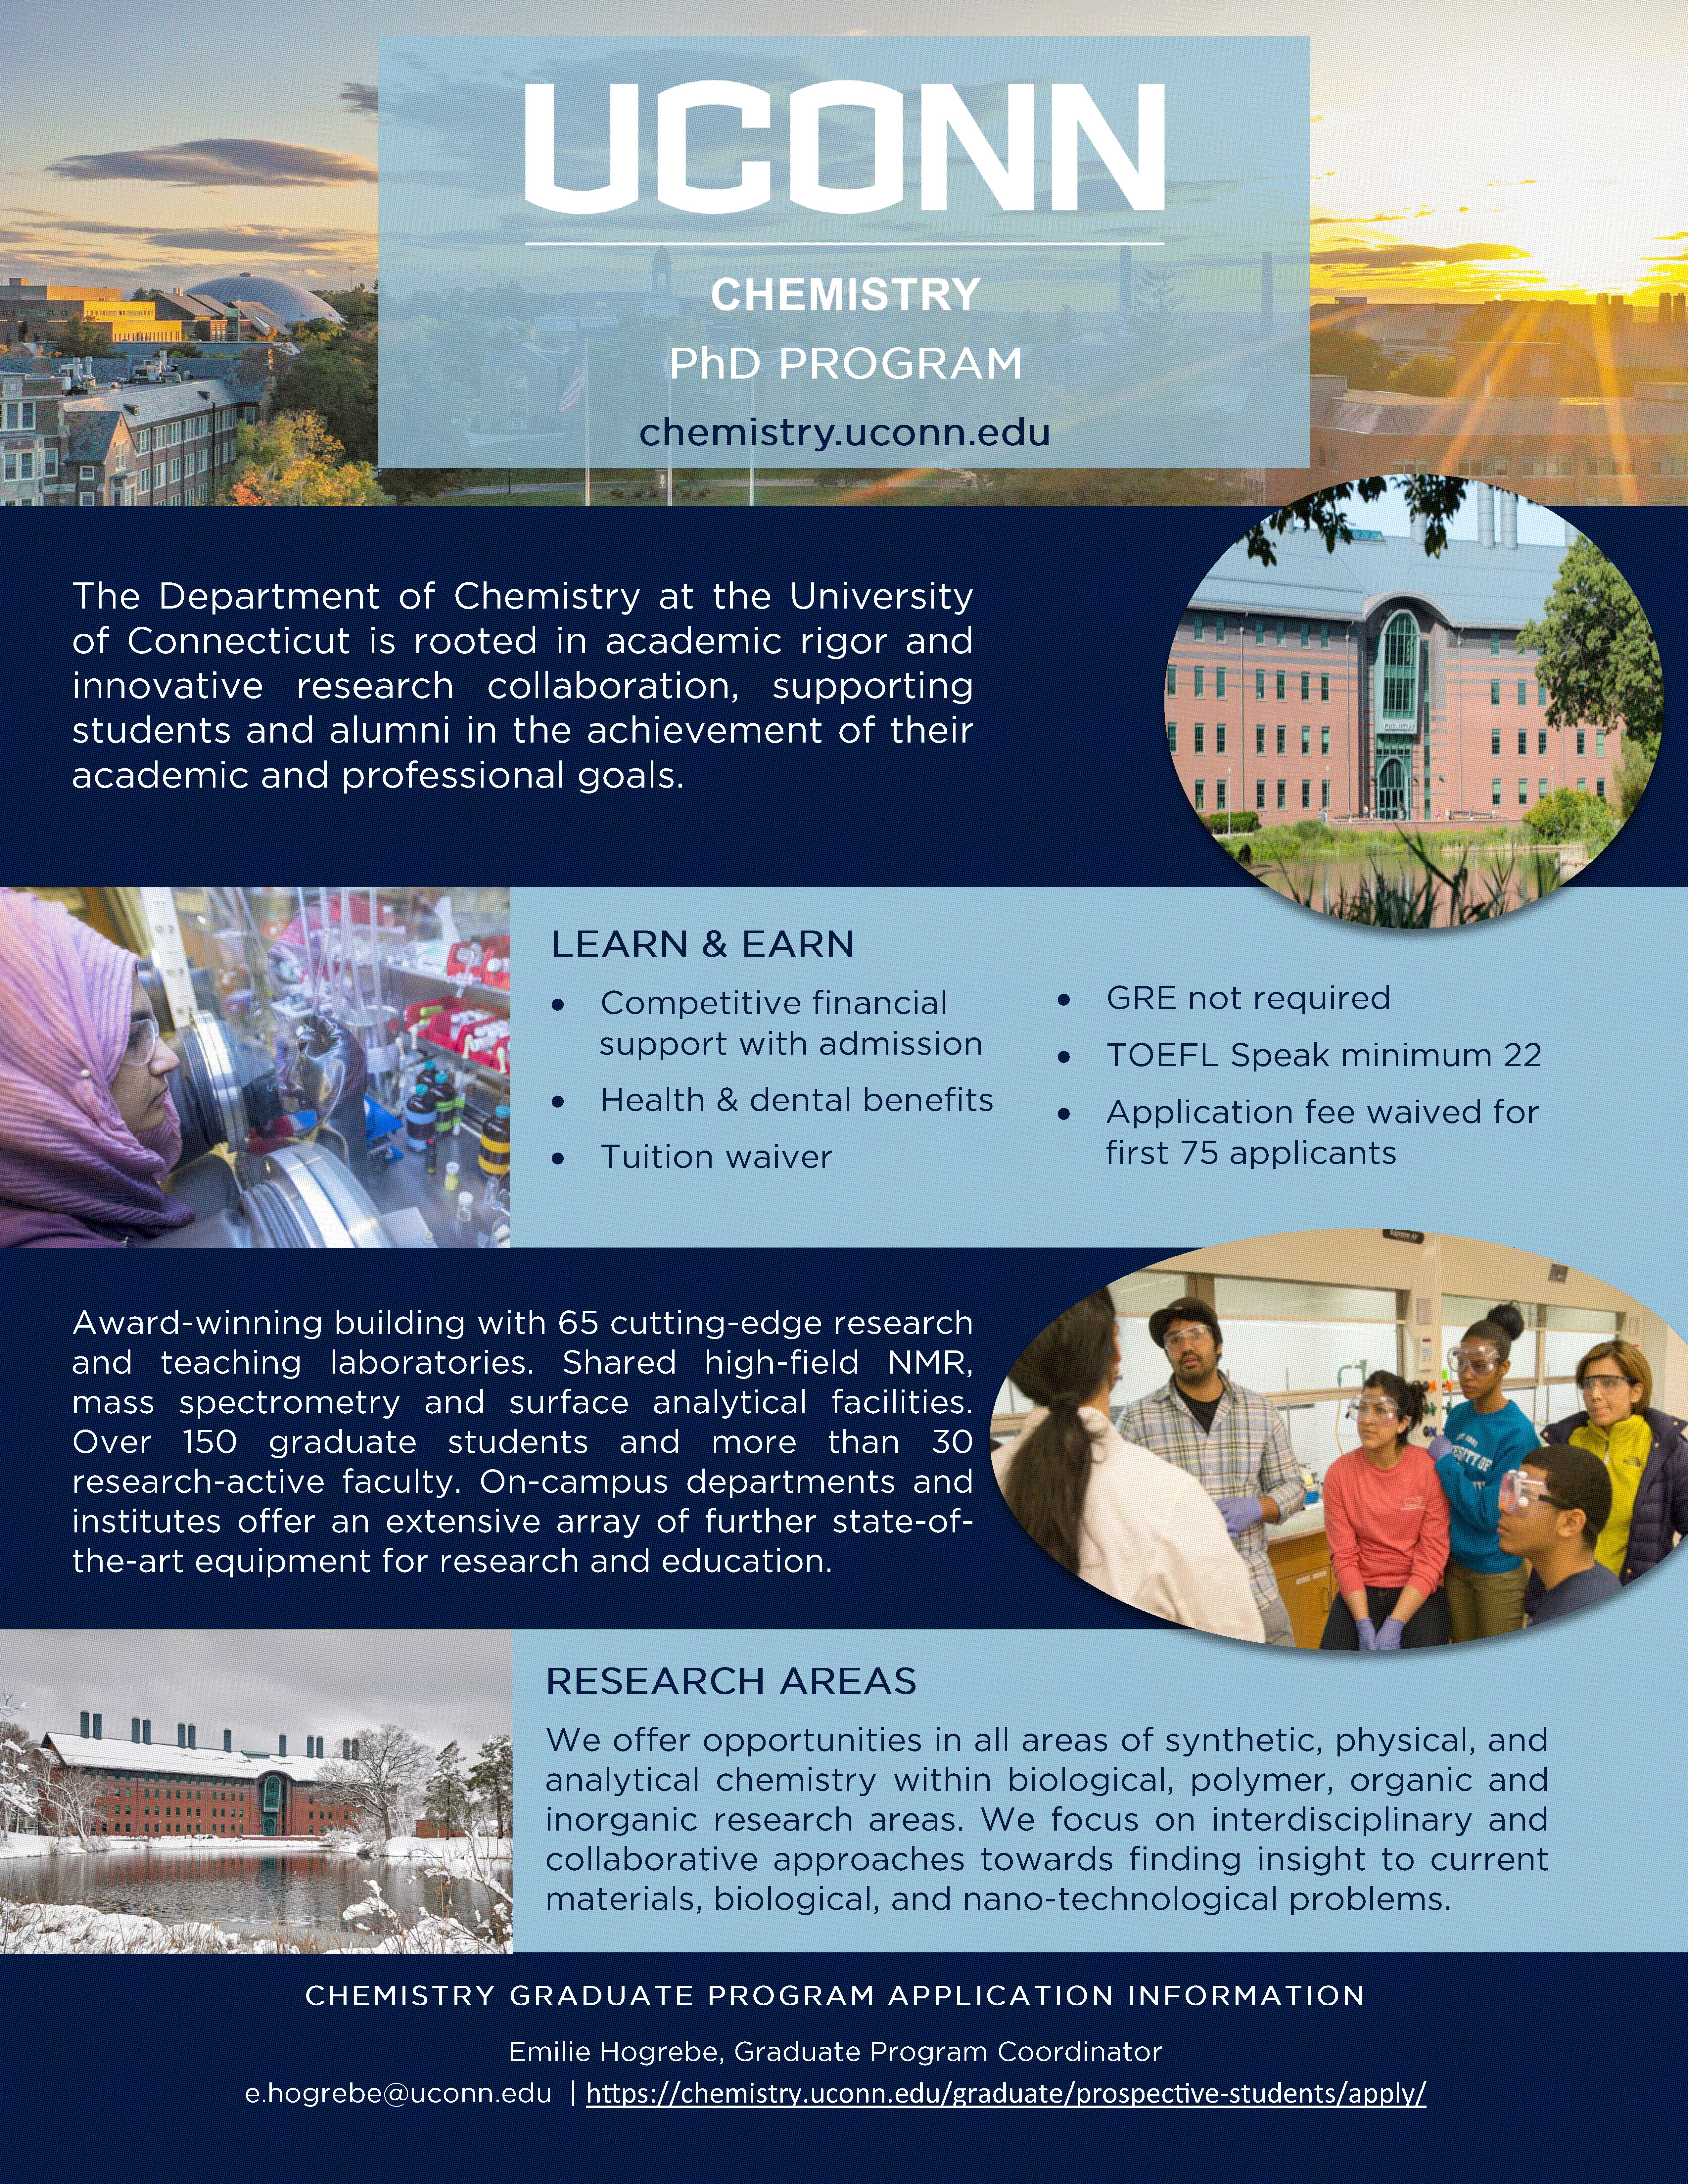 UConn Chemistry PhD program flyer